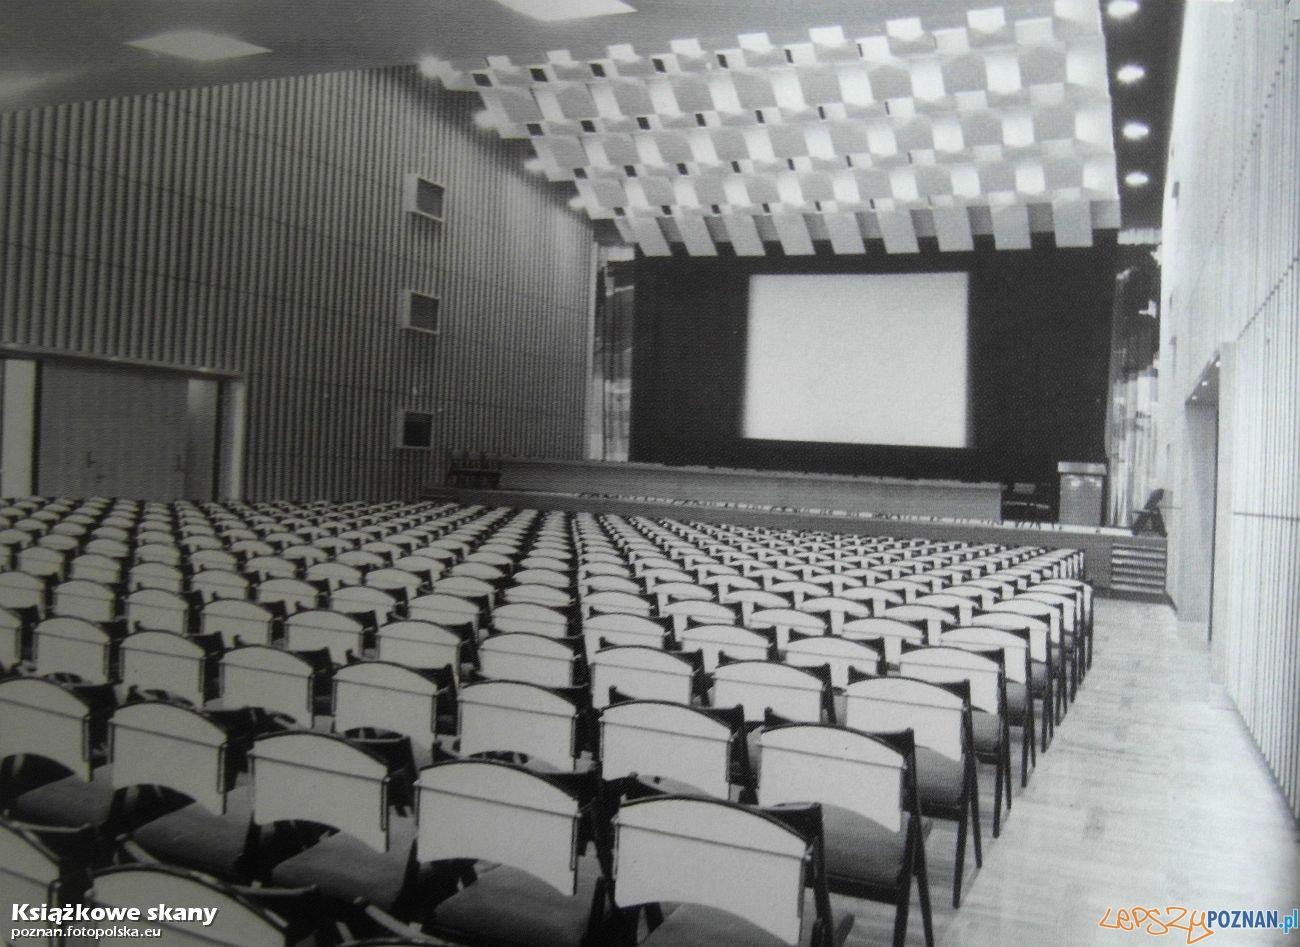 Sala kinowa w Palacu Kultury - CK Zamek, rok 1968 Foto: fotopolska.eu